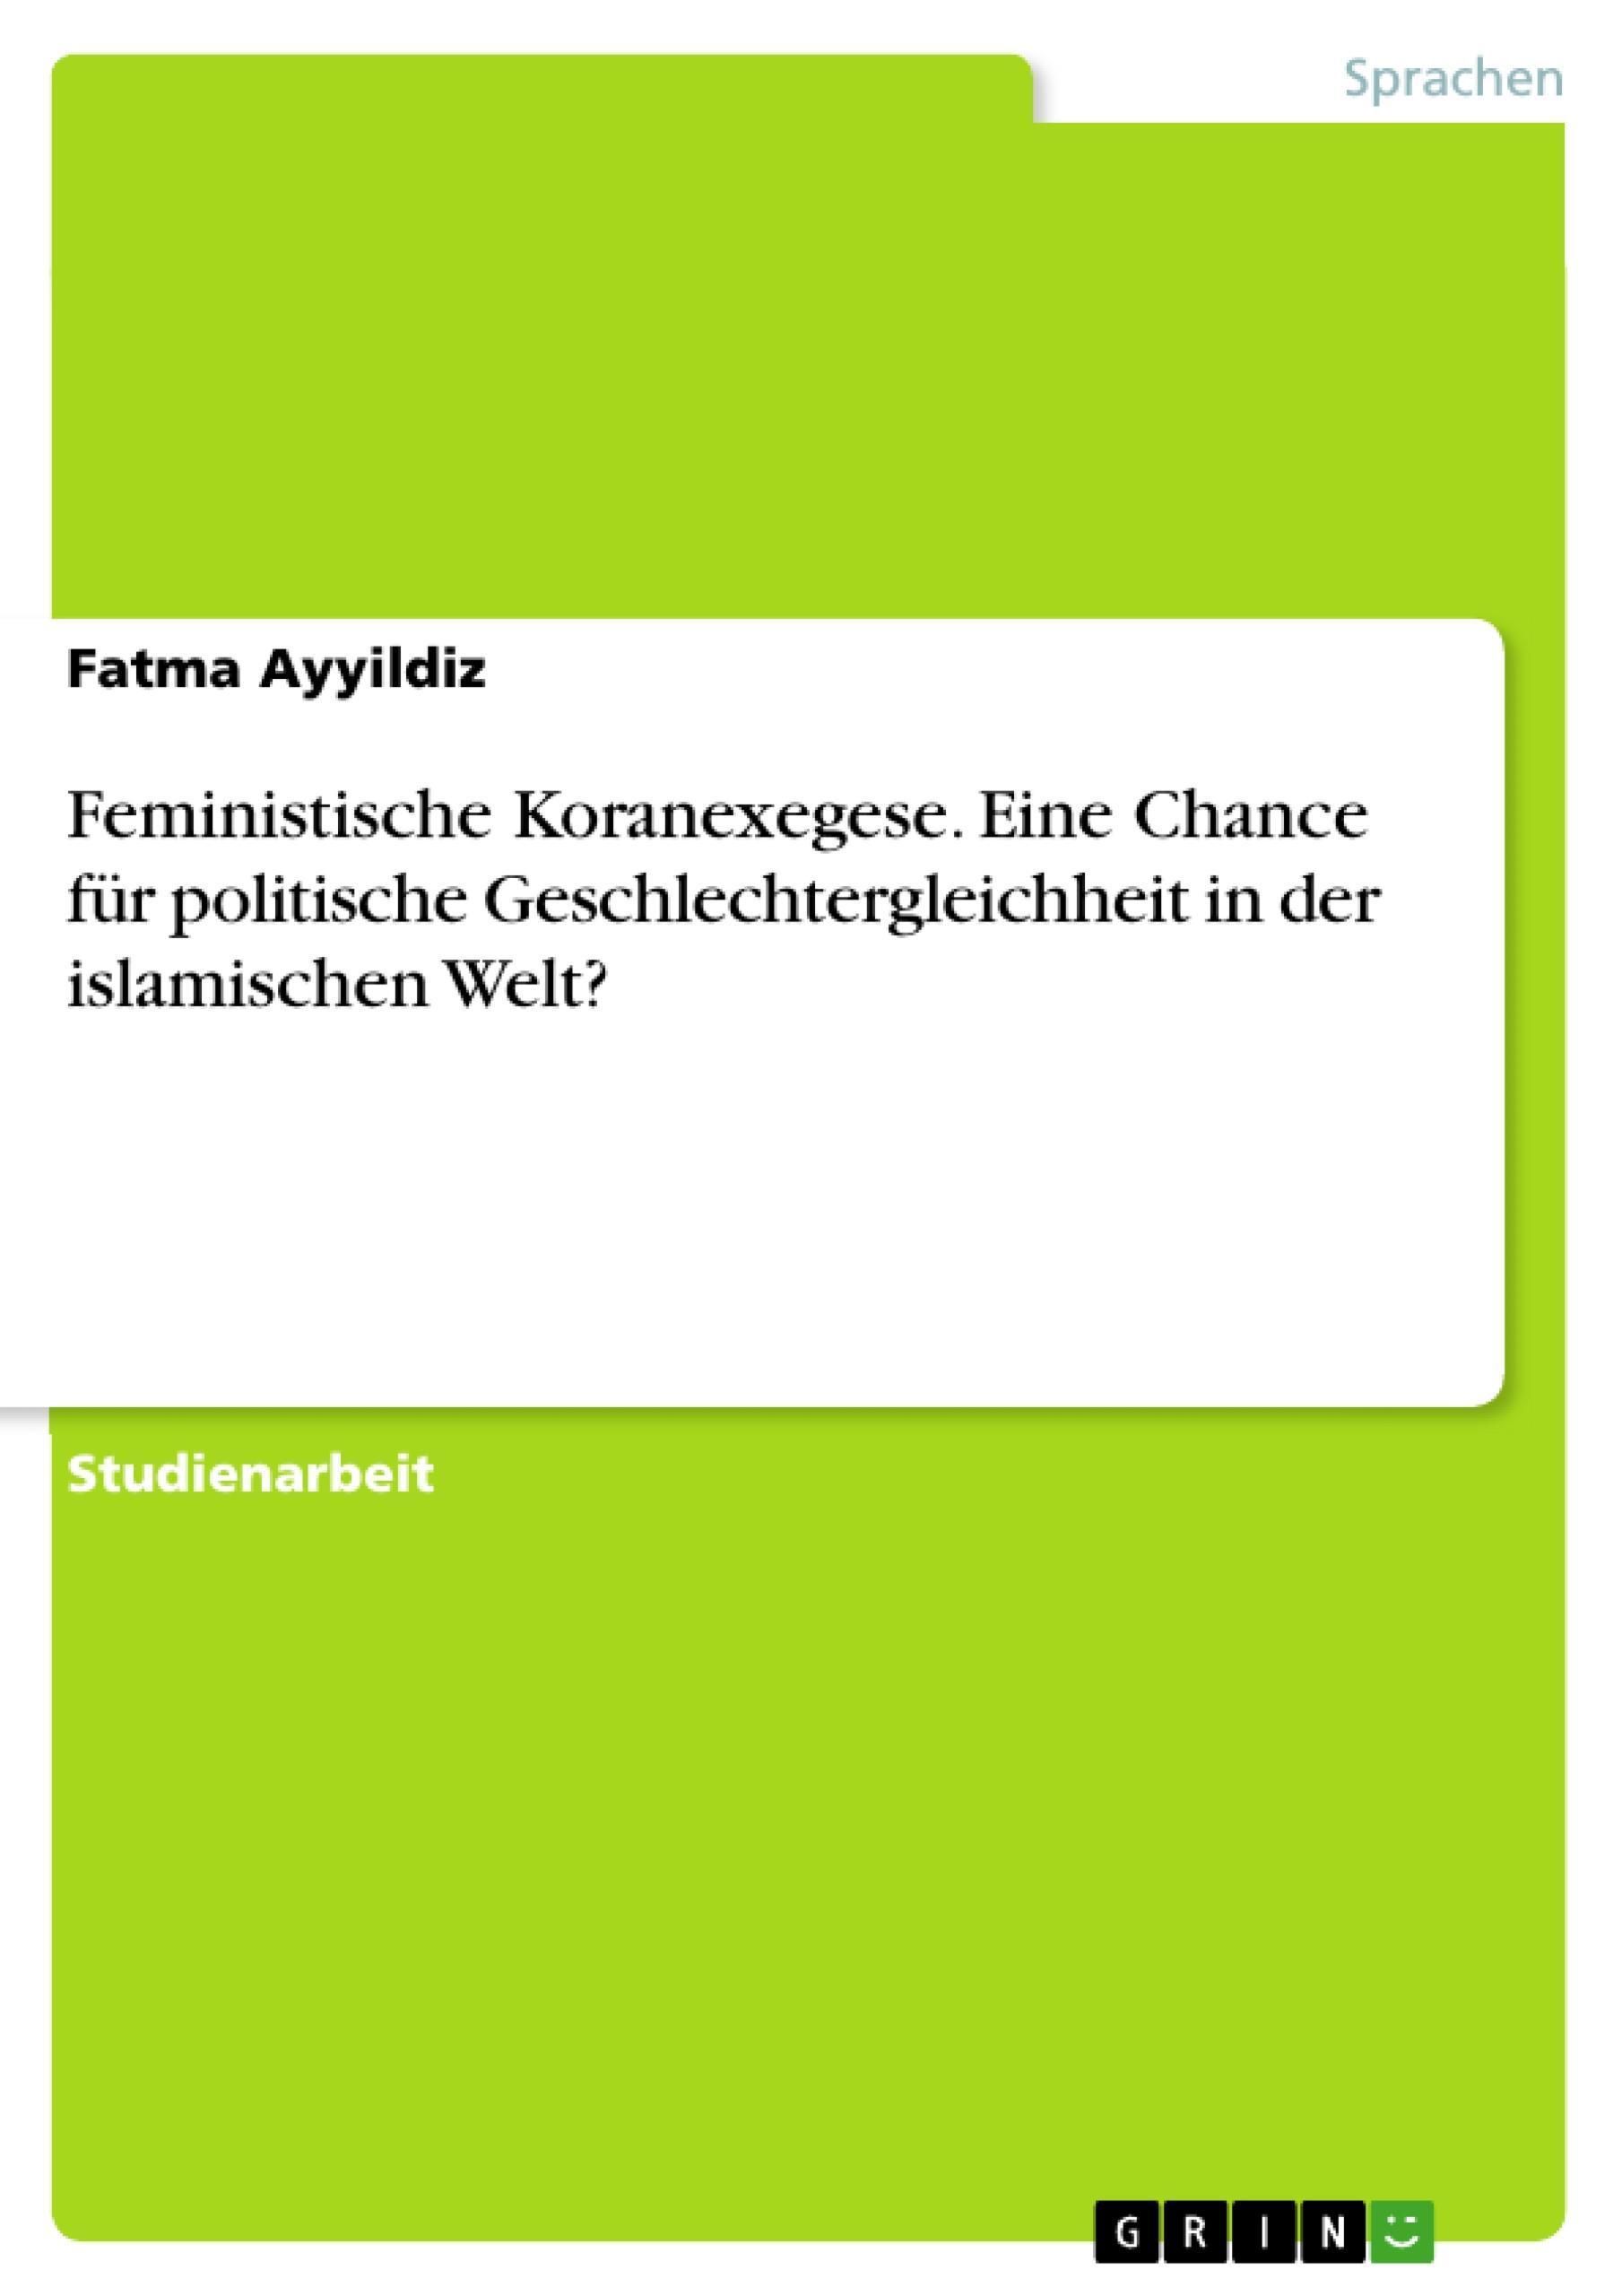 Fatma Ayyildiz / Feministische Koranexegese. Eine Chance für p ... 9783668232440